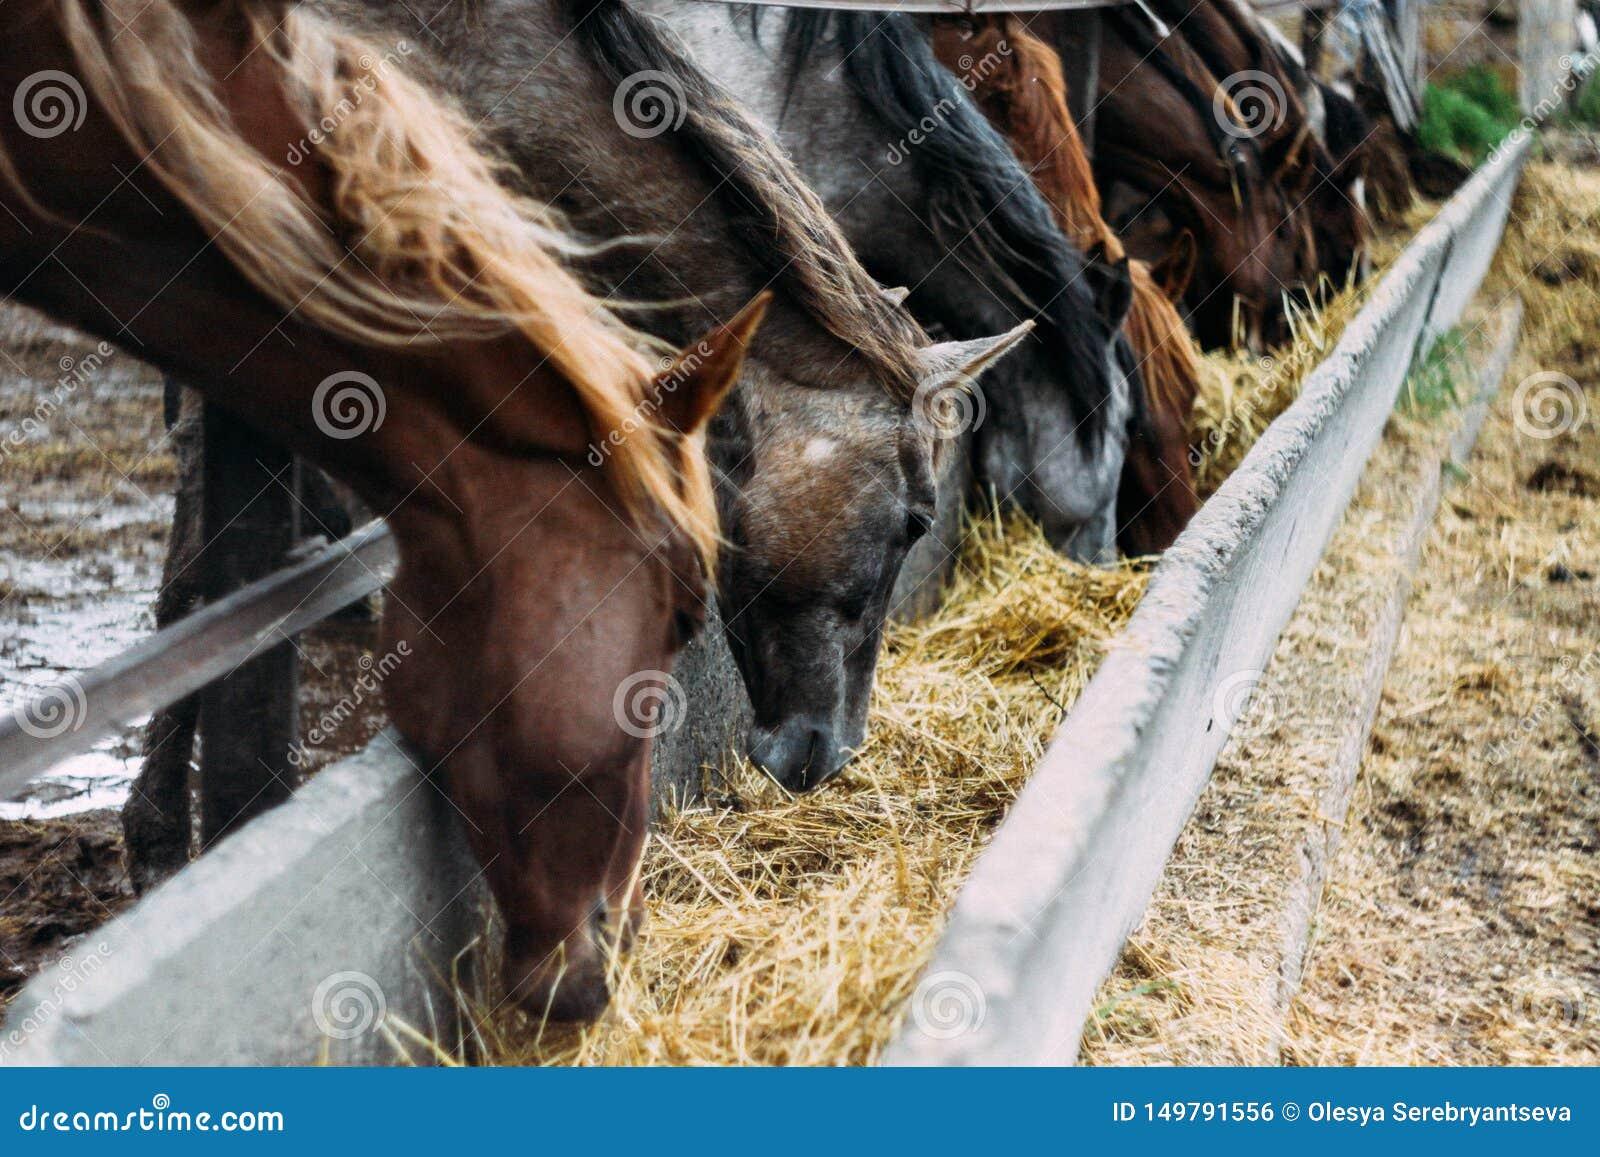 De kudde van paarden eet hooi Kudde van mooie paarden